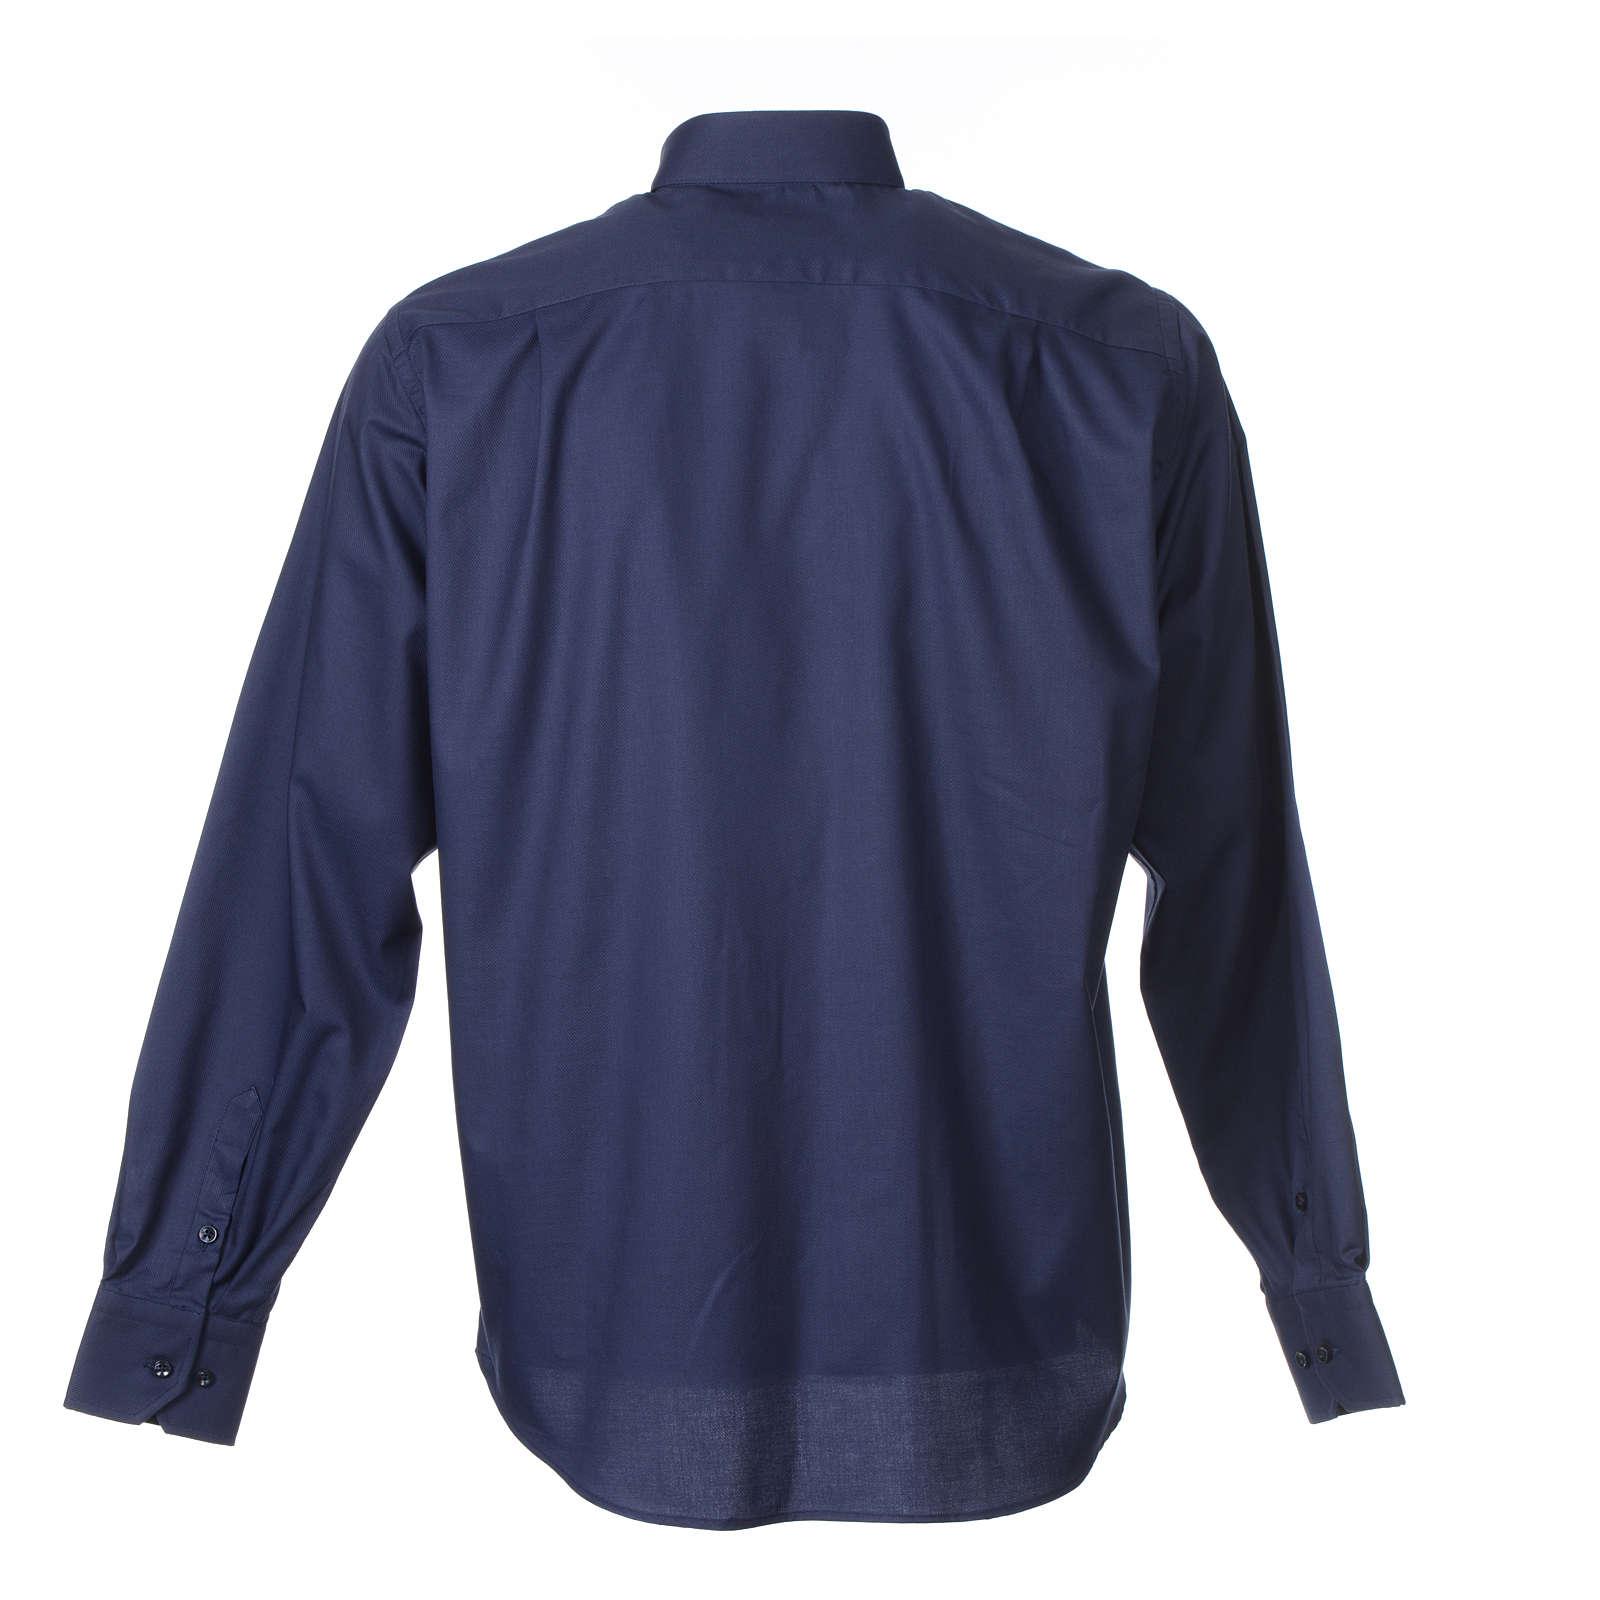 Koszula kapłańska długi rękaw niebieska bawełniana 4